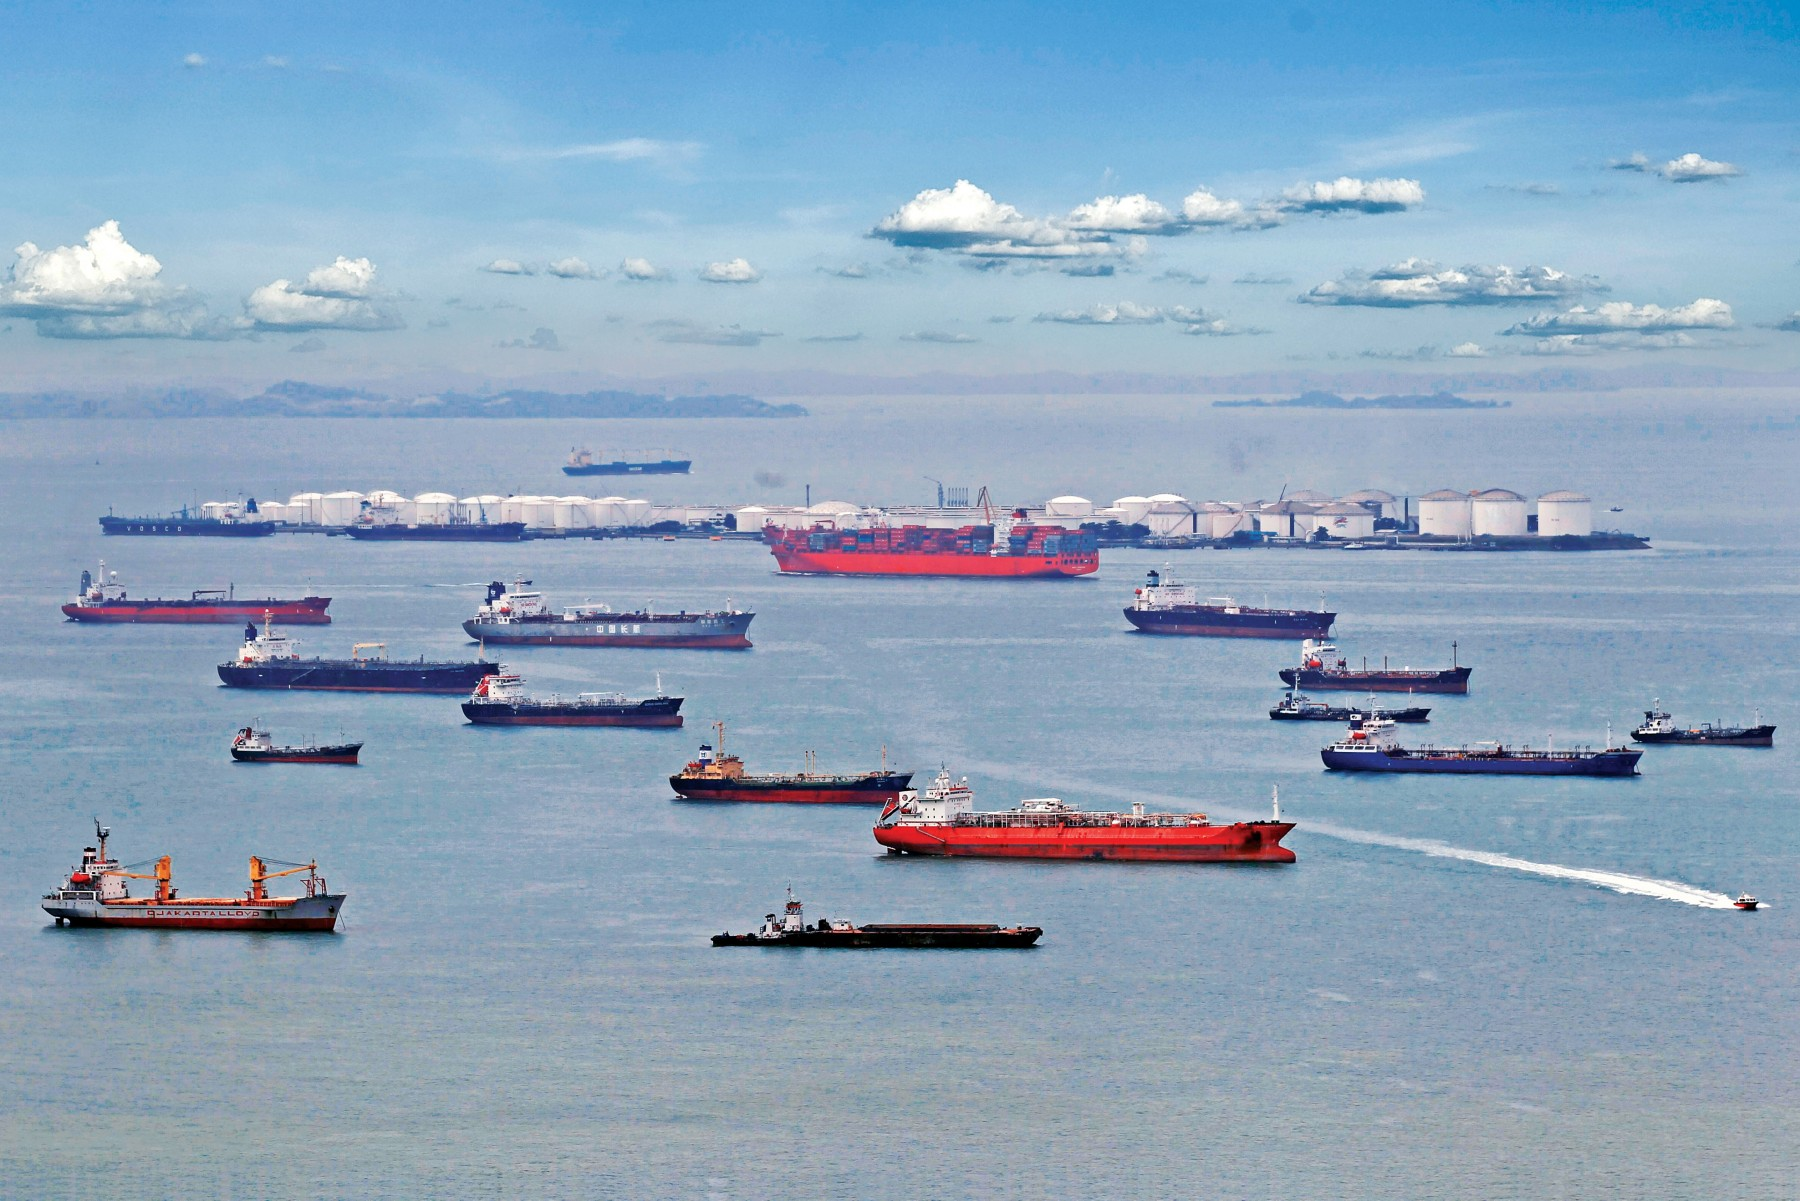 Ούριος άνεμος για τις εμπορευματικές ροές διά μέσου του Στενού της Σιγκαπούρης